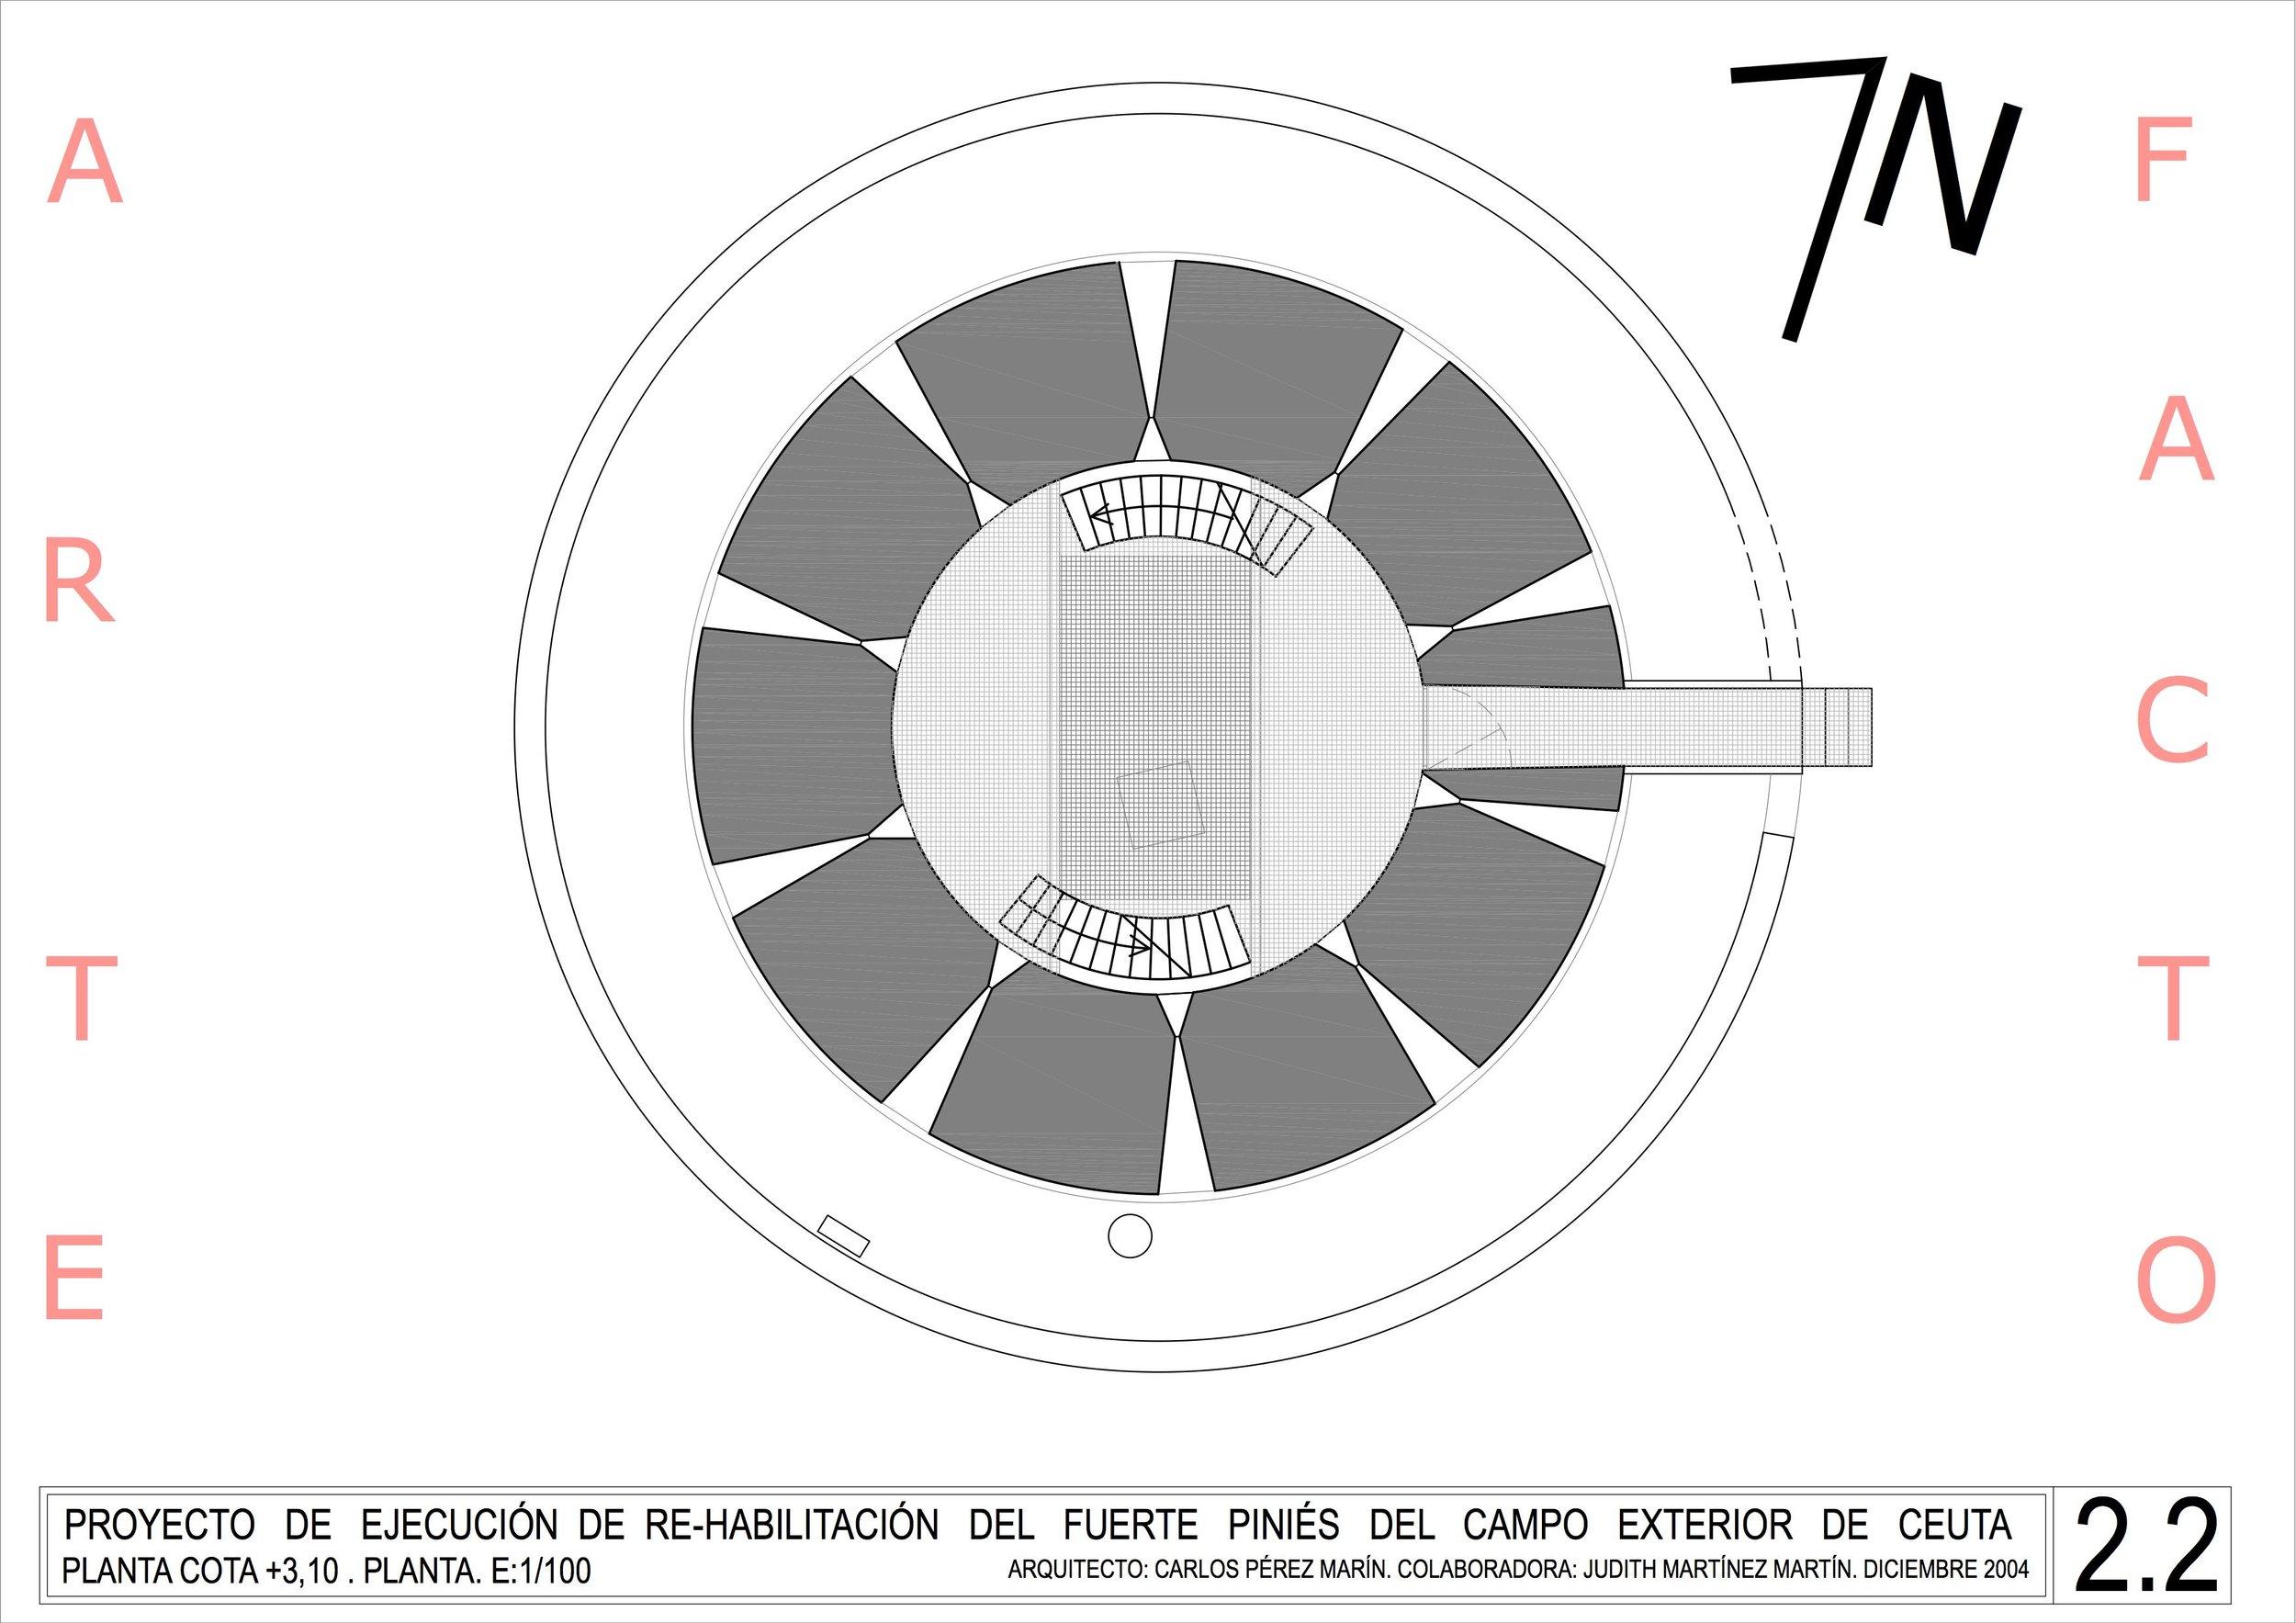 PINIES 2.2.jpg